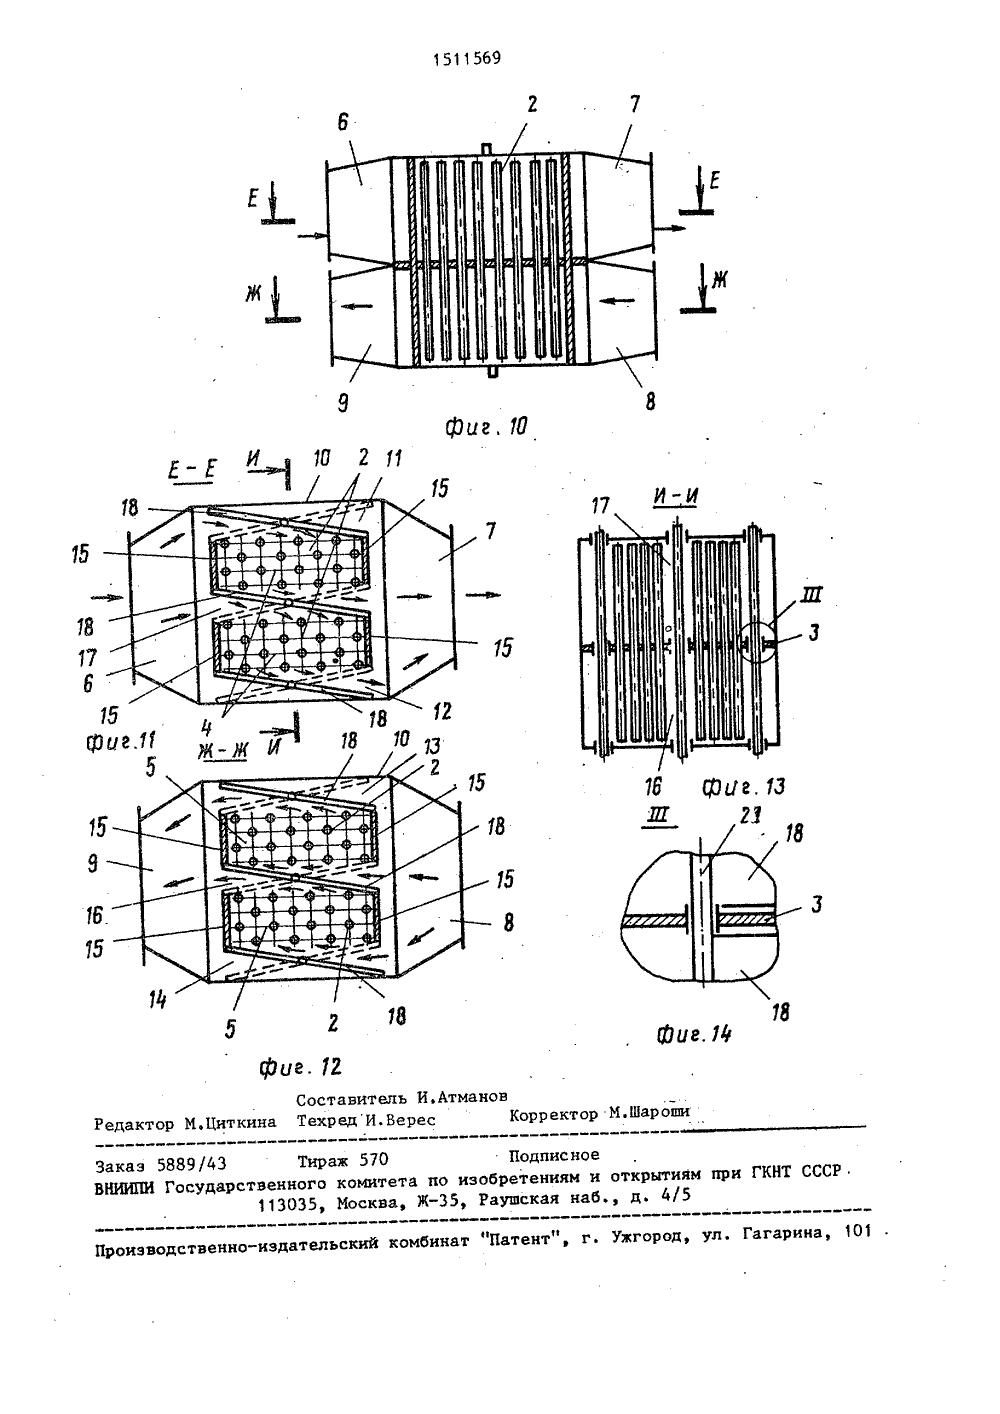 Теплообменник на тепловых трубках Паяный теплообменник охладитель GEA FPA 5x20-40 Волгодонск